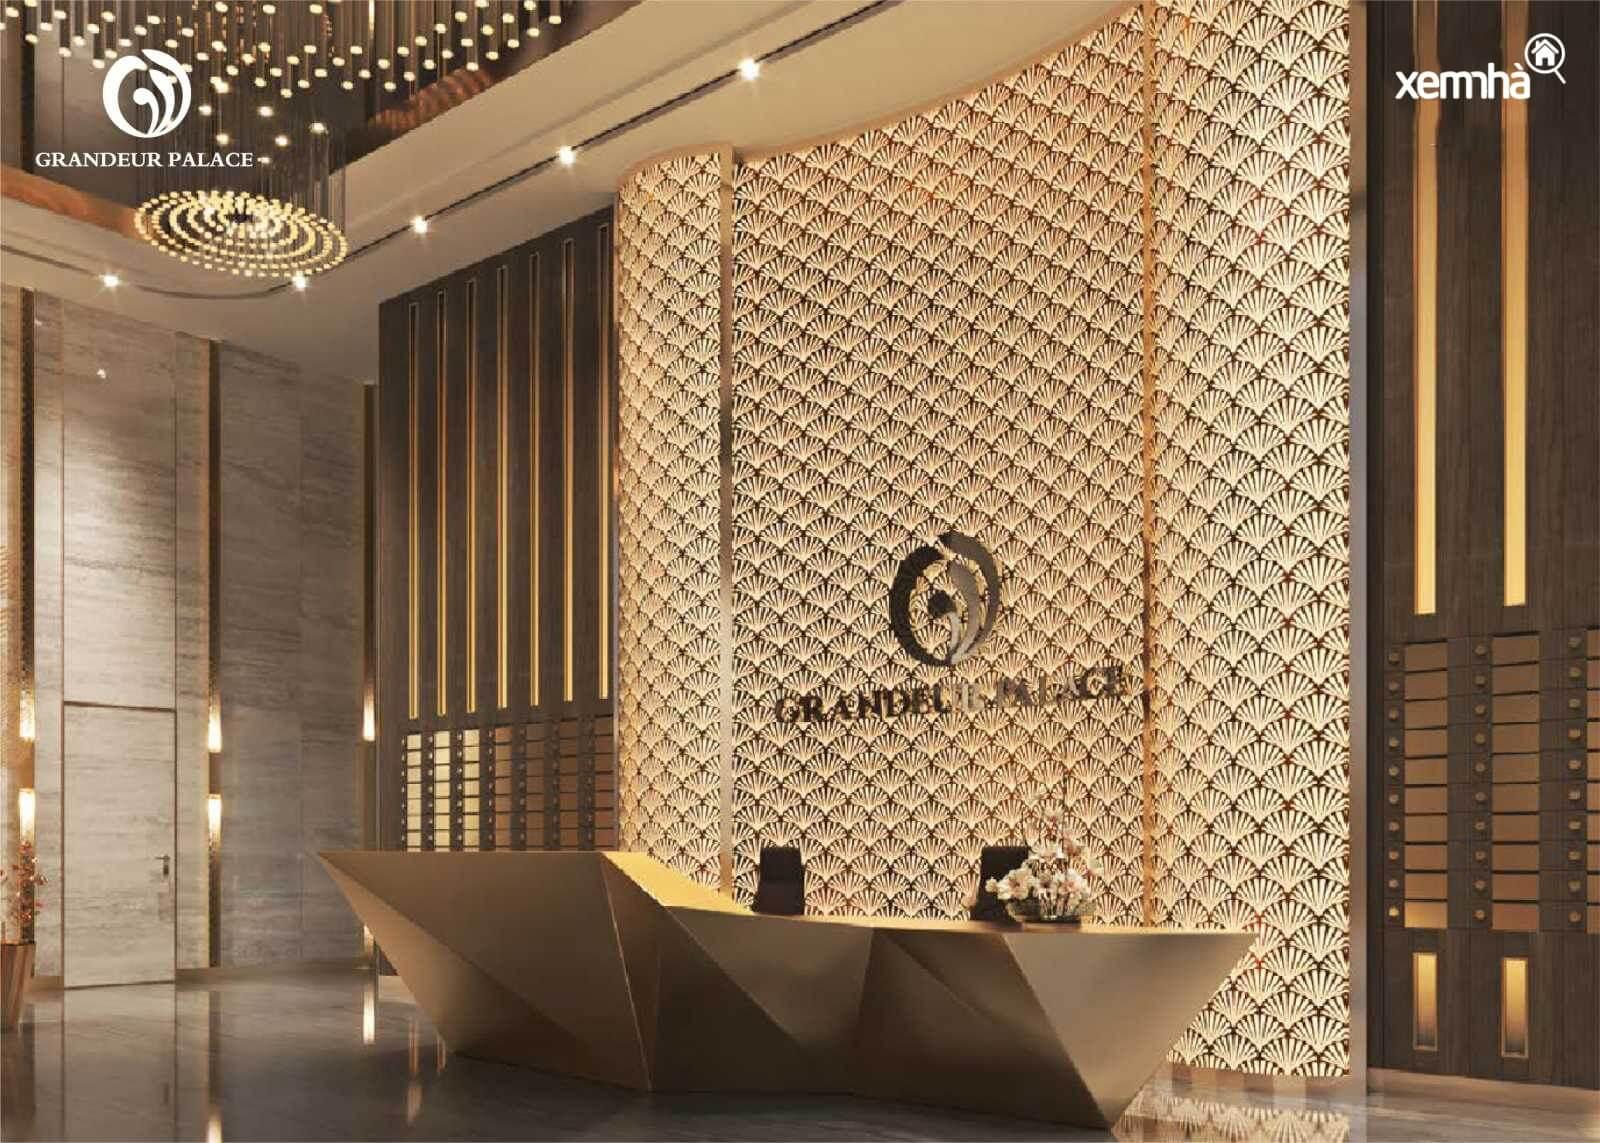 Sảnh đón tiếp đẳng cấp dự án Grandeur Palace Giảng Võ